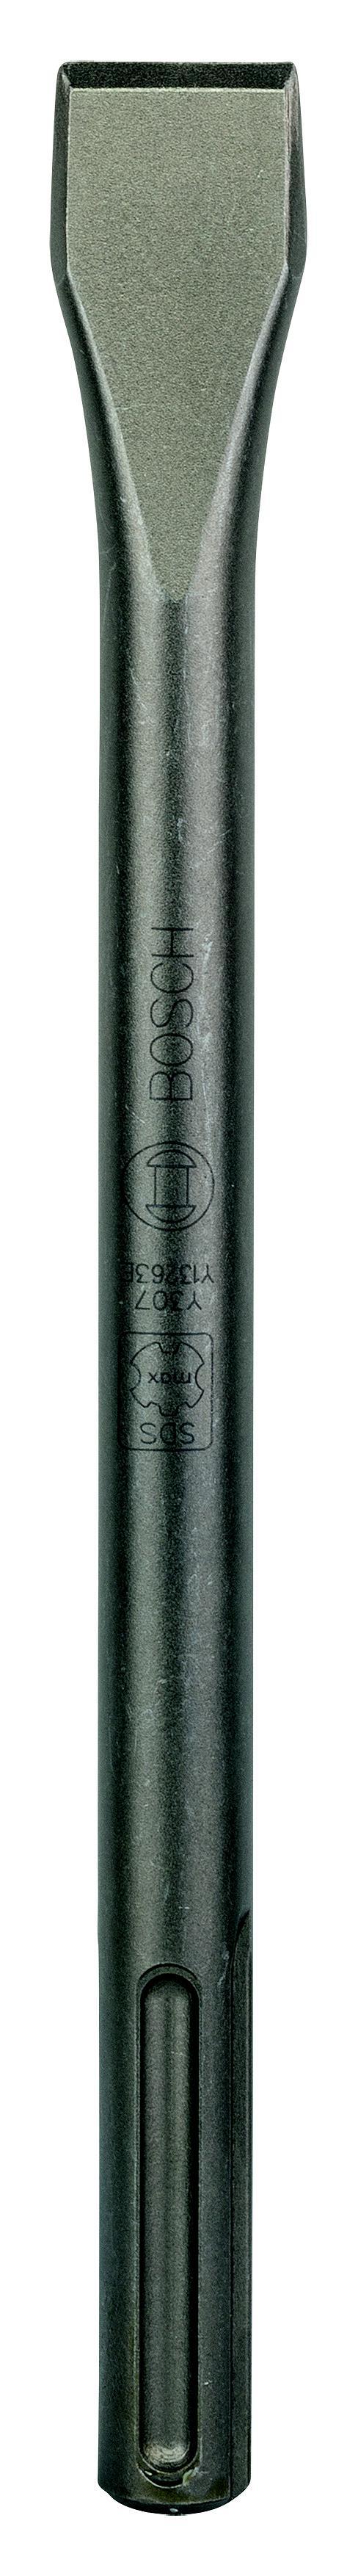 Зубило Bosch Sdsmax 25x280 плоское (1.618.600.210)